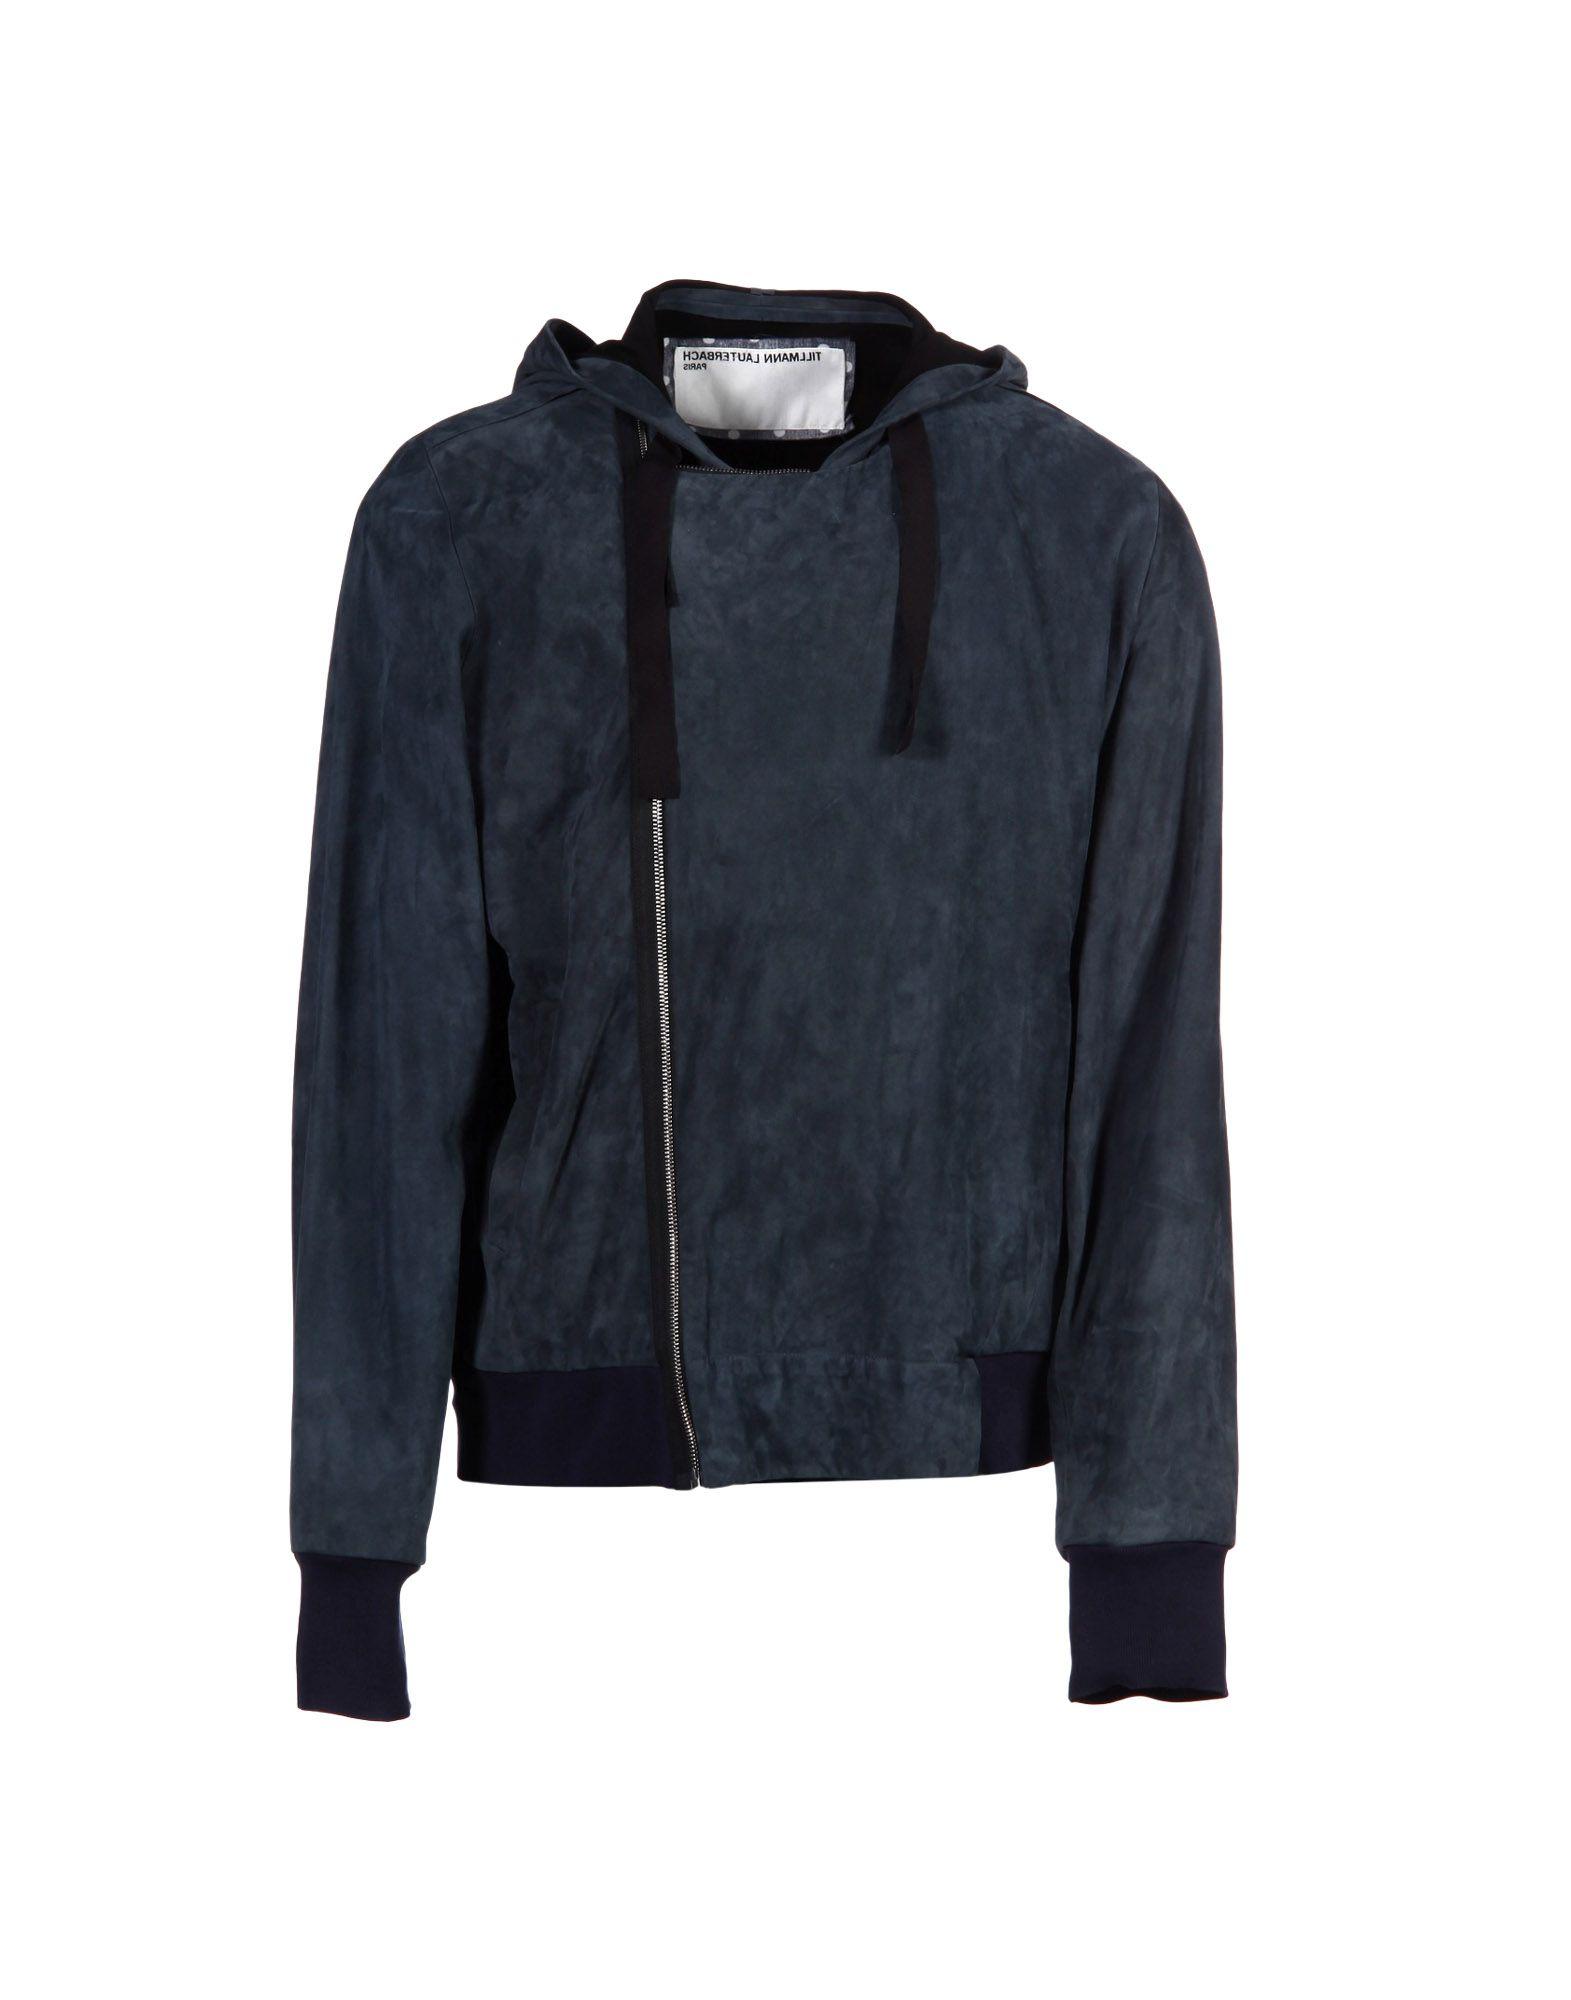 TILLMANN LAUTERBACH Leather Jacket in Slate Blue